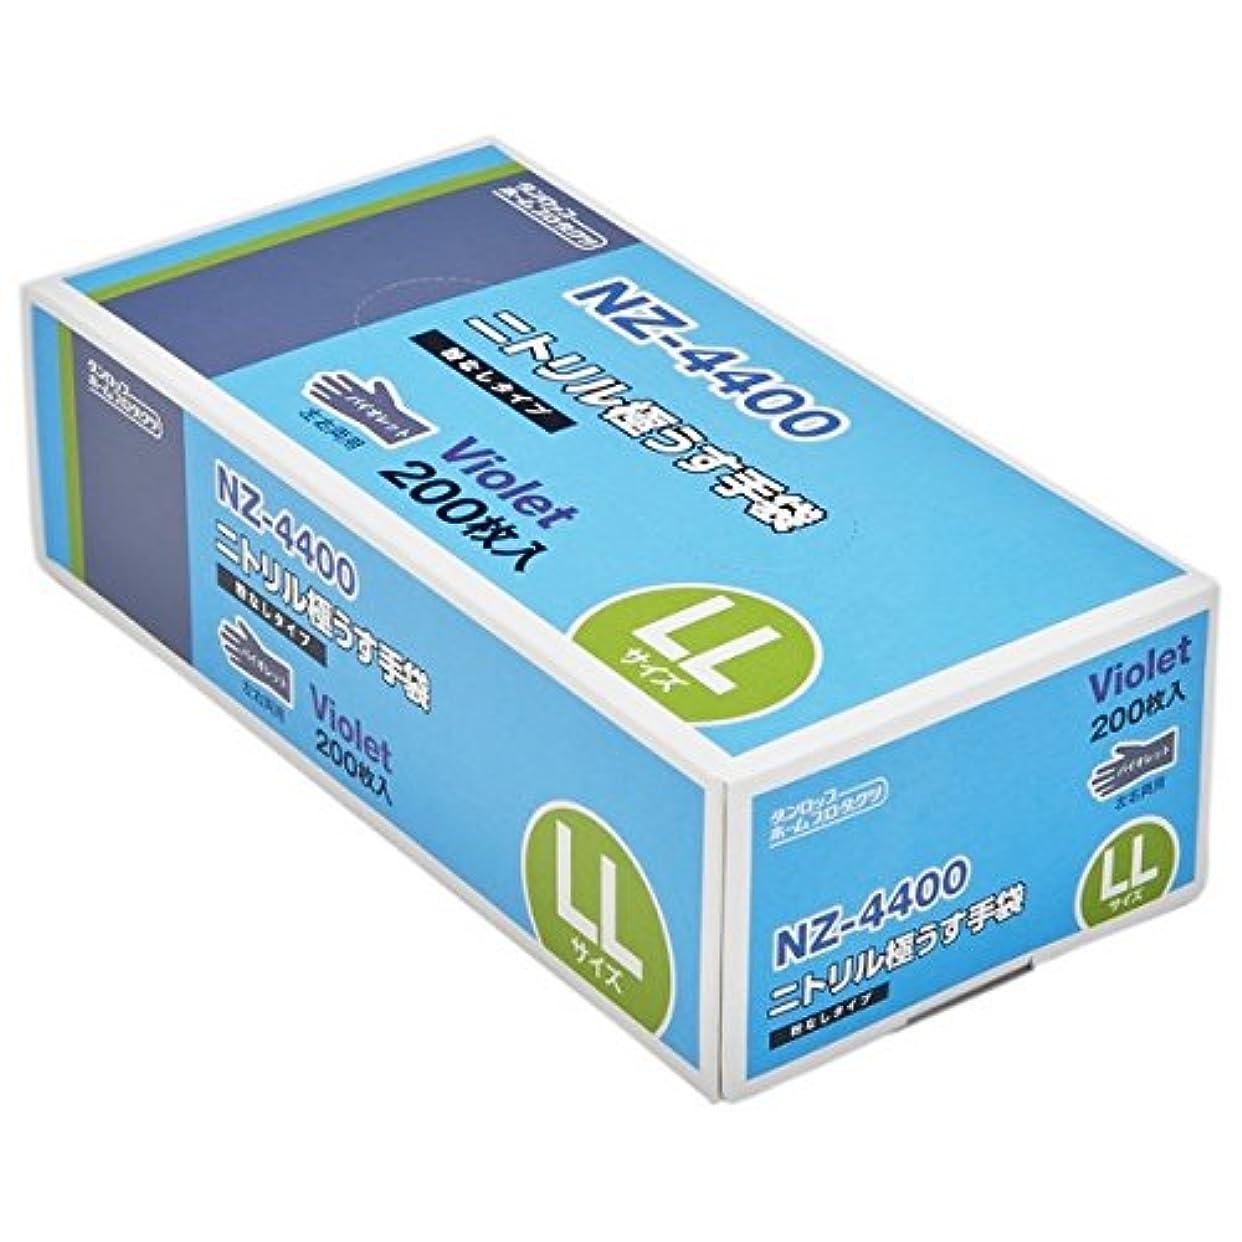 エキサイティンググレーええダンロップ ニトリル極うす手袋 NZ-4400 バイオレット 粉なし LLサイズ 200枚入